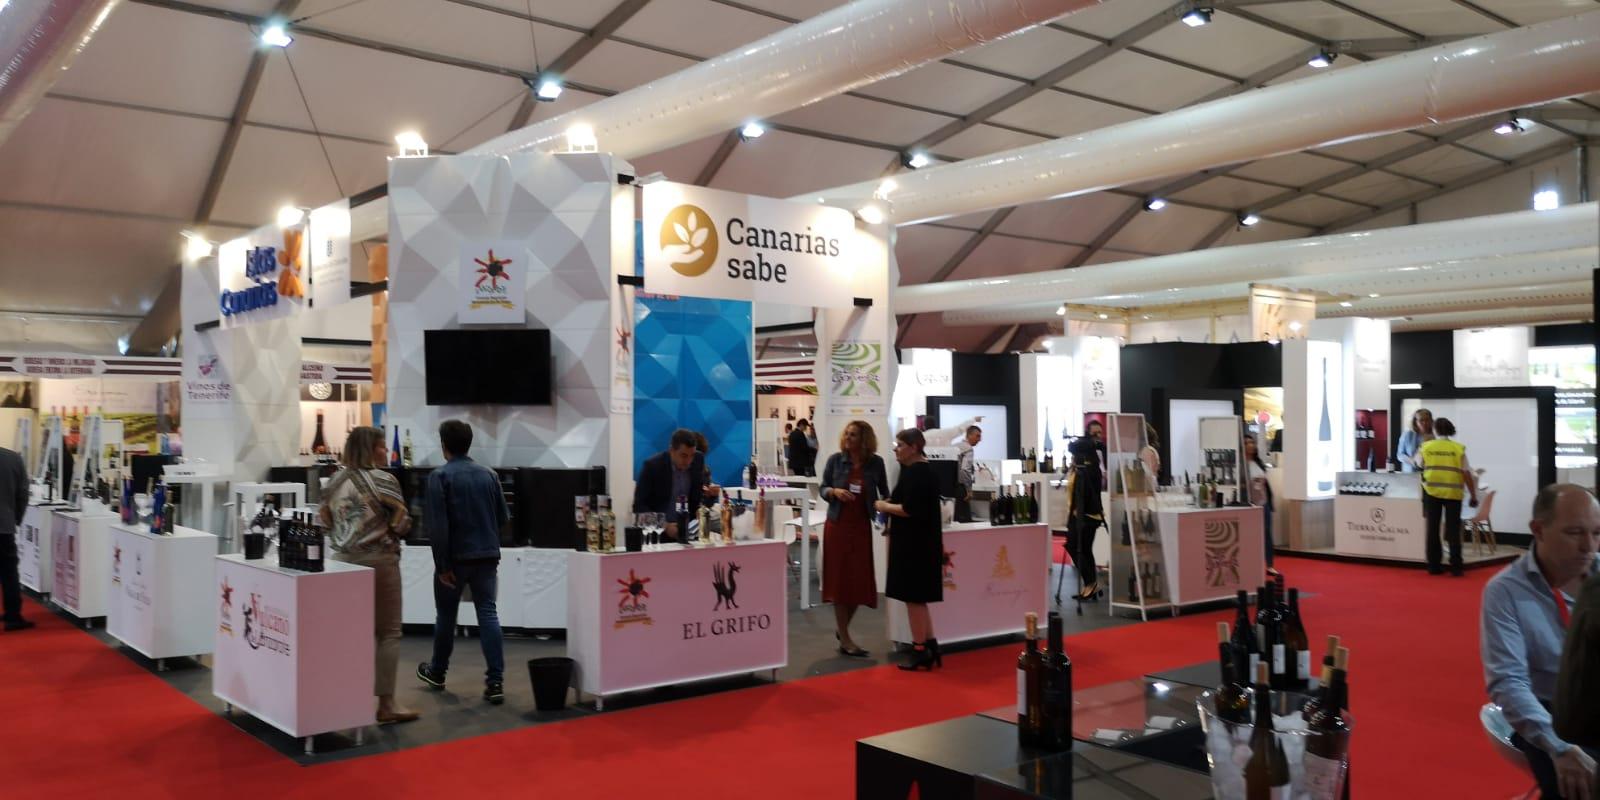 Canarias pone en valor la singularidad de sus vinos en FENAVIN 2019